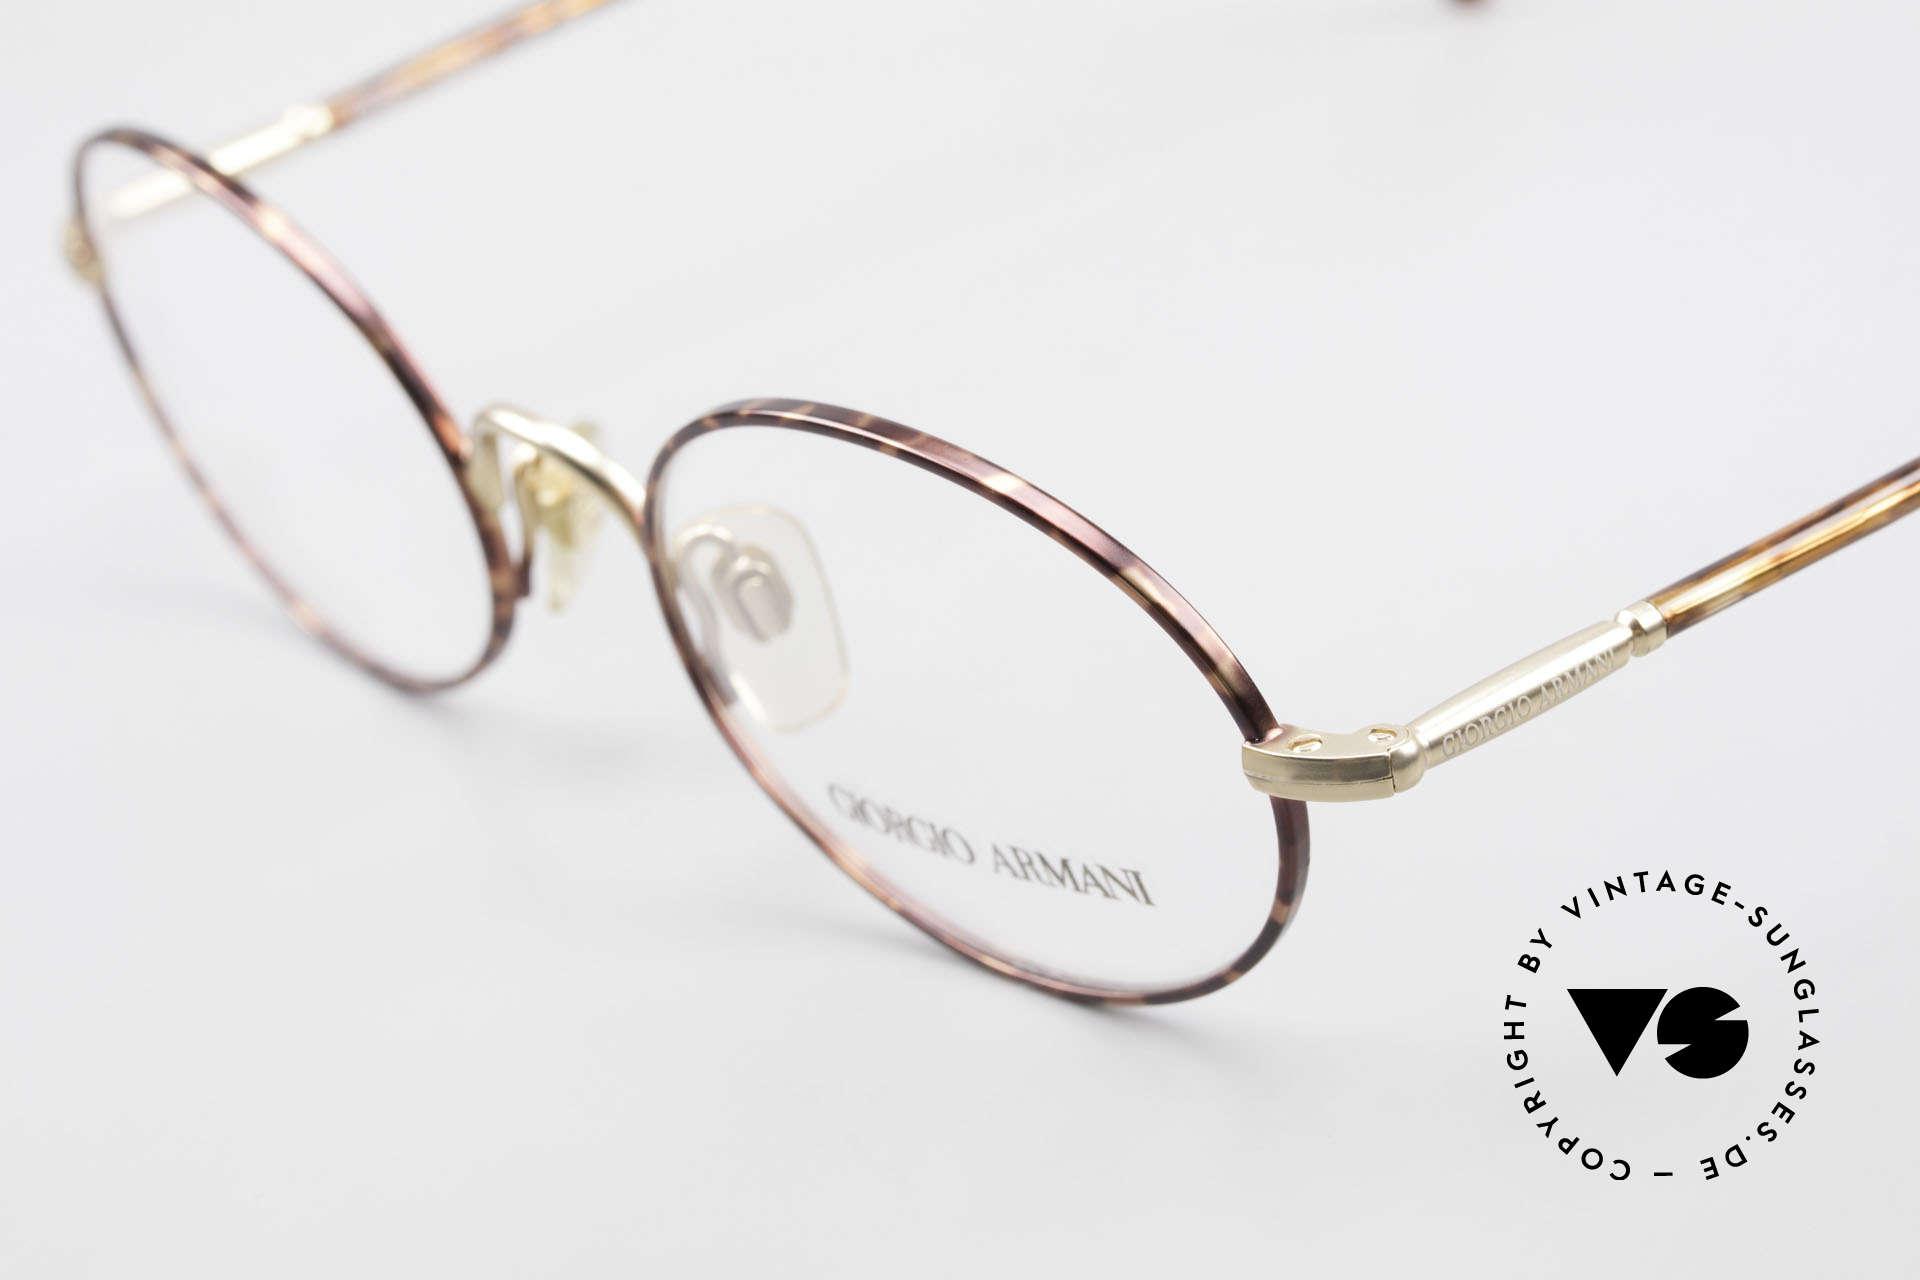 Giorgio Armani 189 Ovale Designerbrille 1990er, ungetragen (wie alle unsere vintage Designerbrillen), Passend für Herren